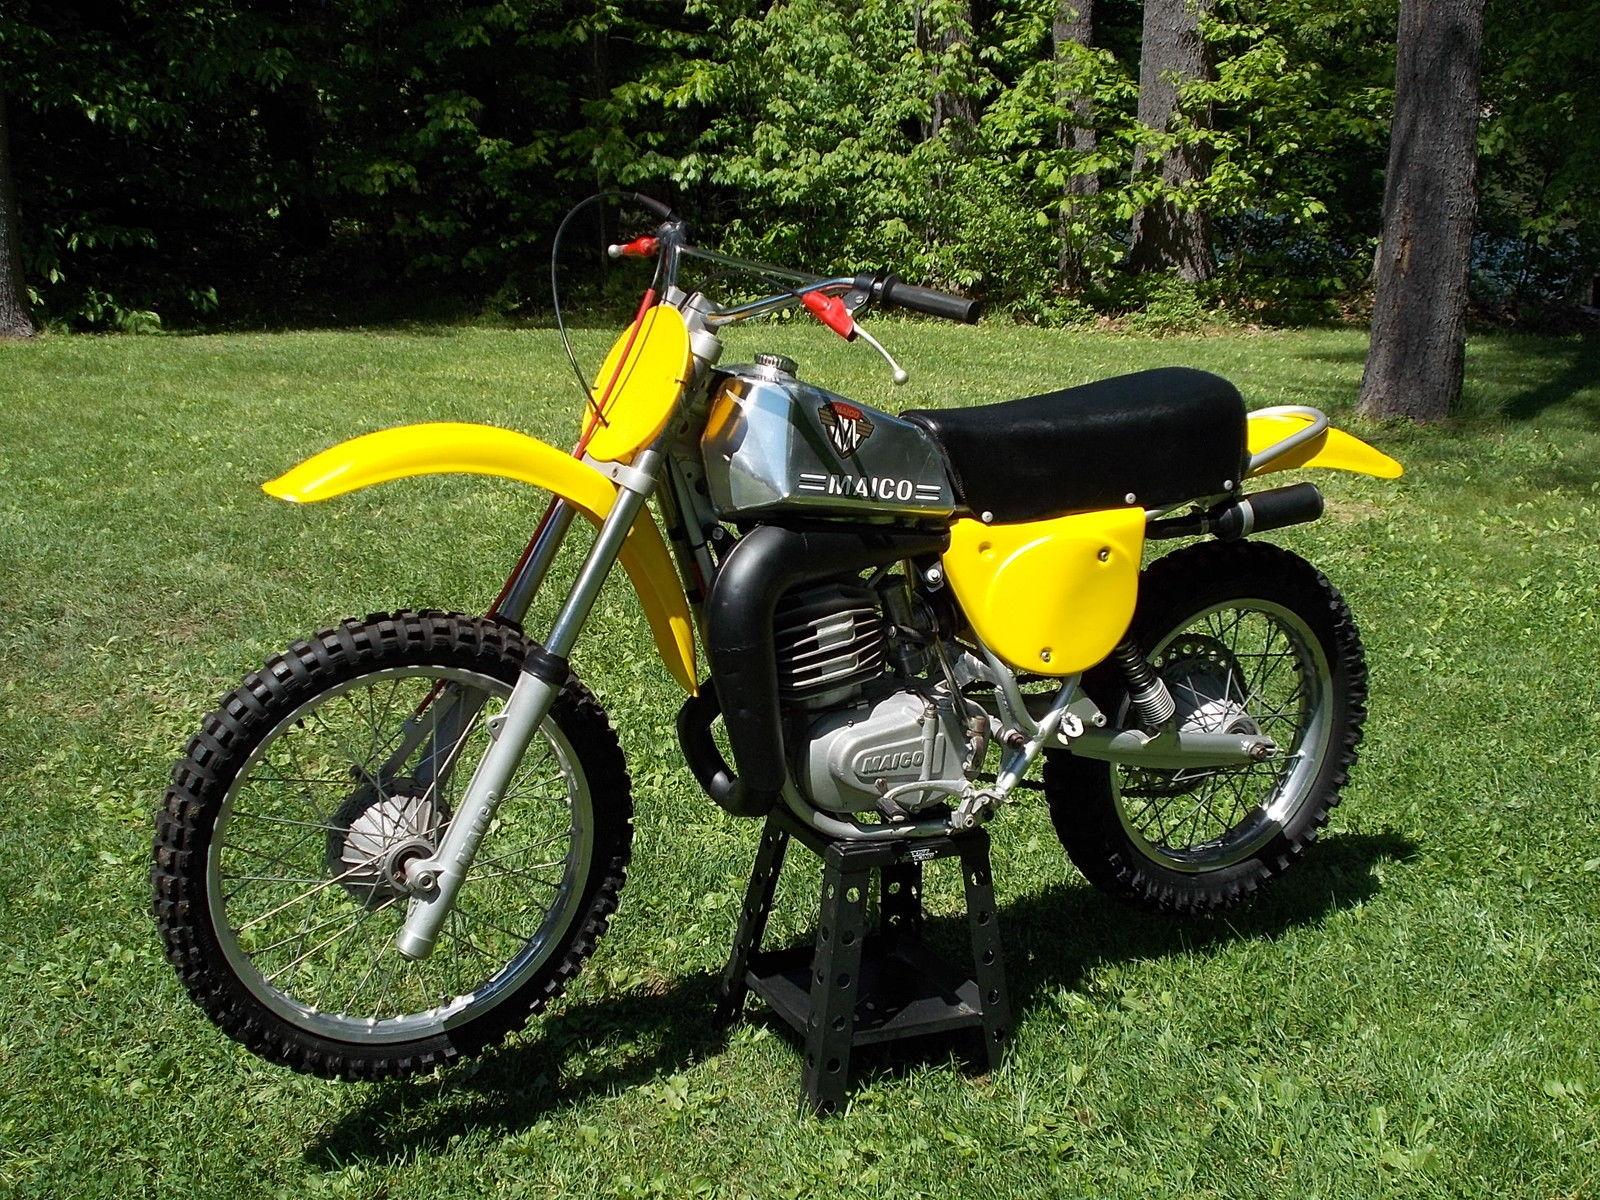 Maico Ehd 10 : restored maico 250aw 1976 photographs at classic bikes restored bikes restored ~ Frokenaadalensverden.com Haus und Dekorationen